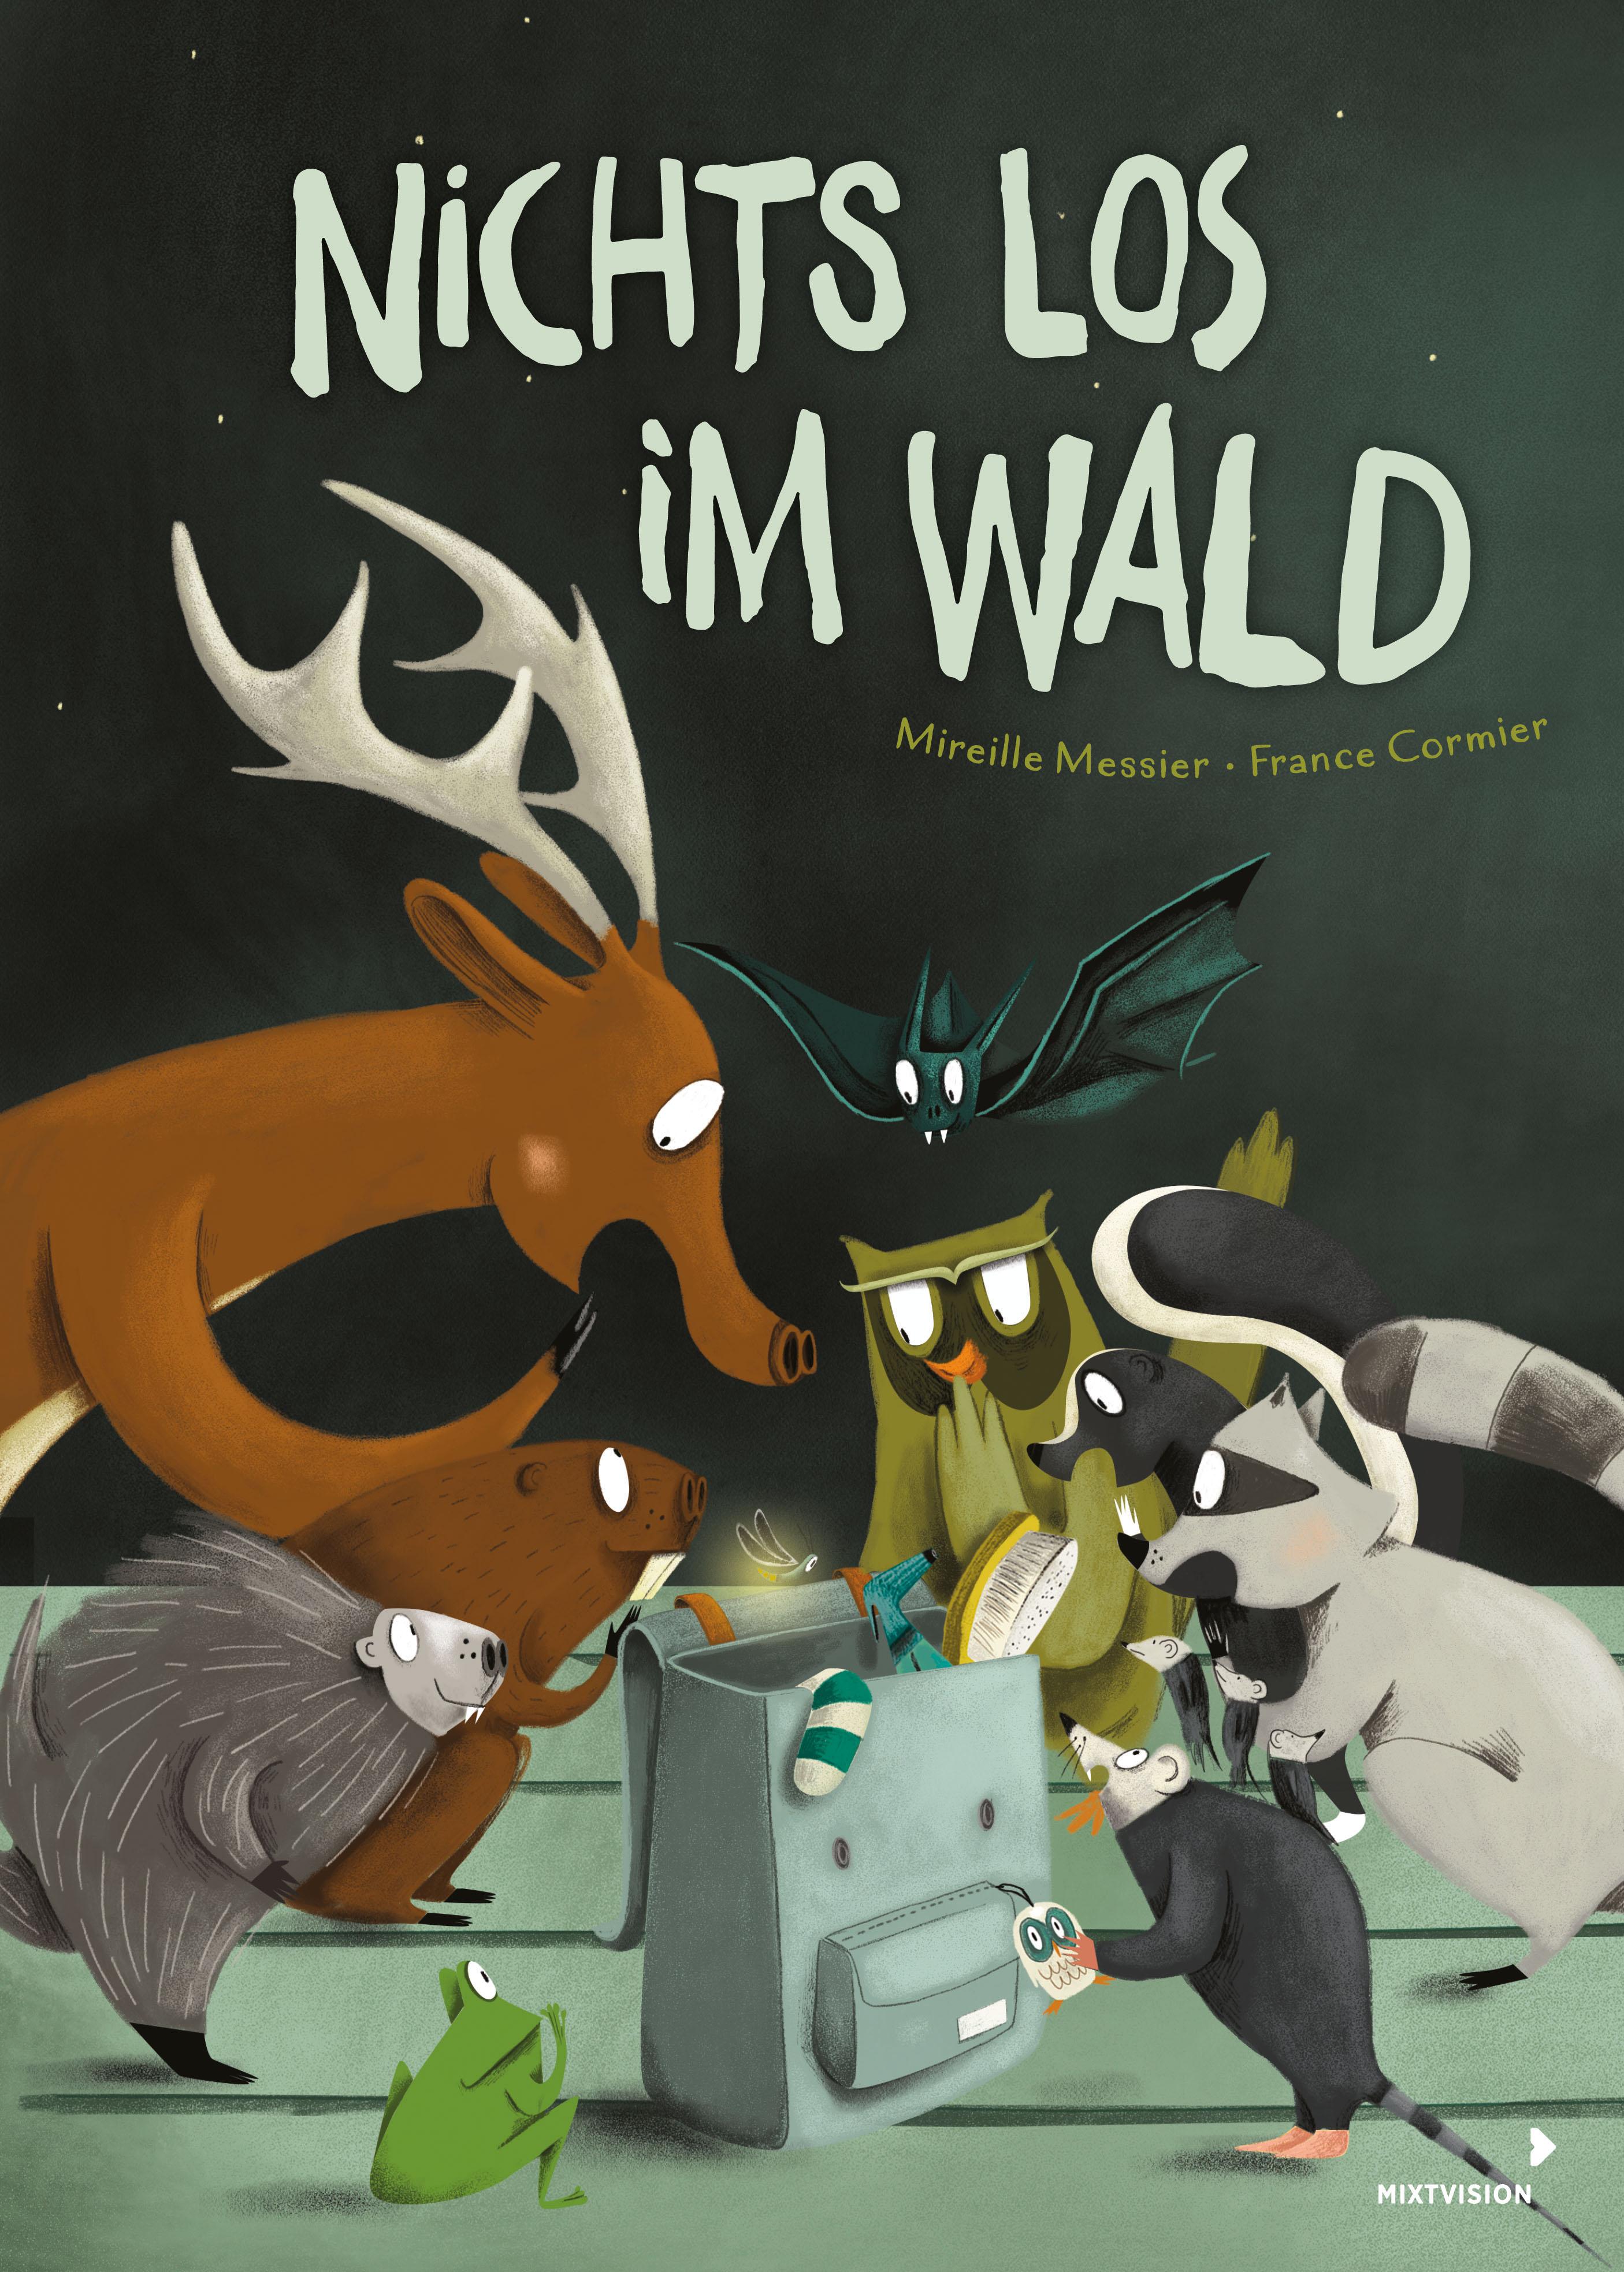 »NICHTS LOS IM WALD« - MIXTVISION